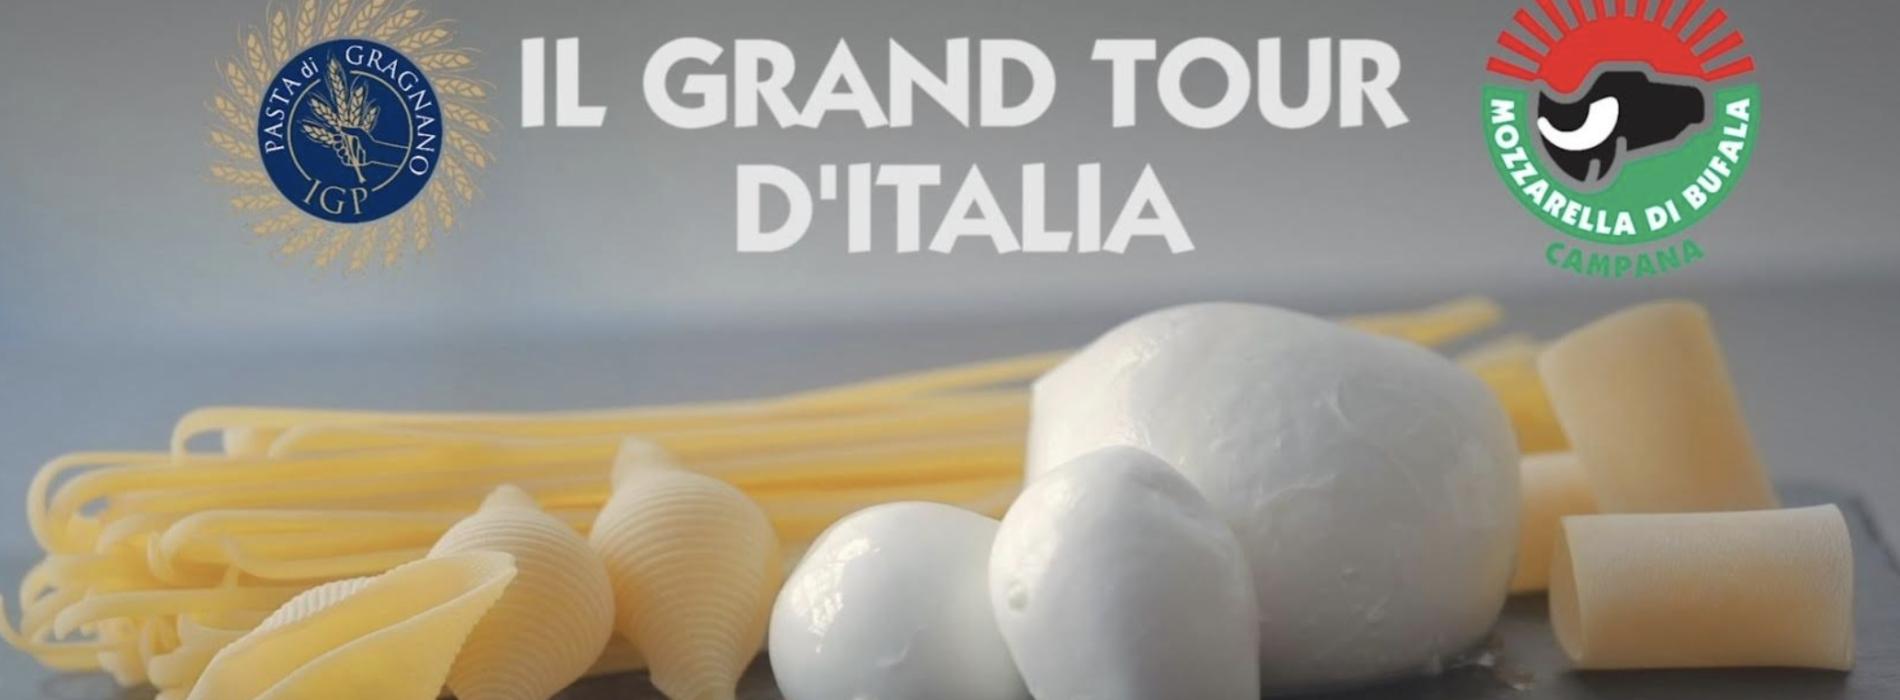 Mozzarella e pasta di Gragnano, il matrimonio voluto dagli chef